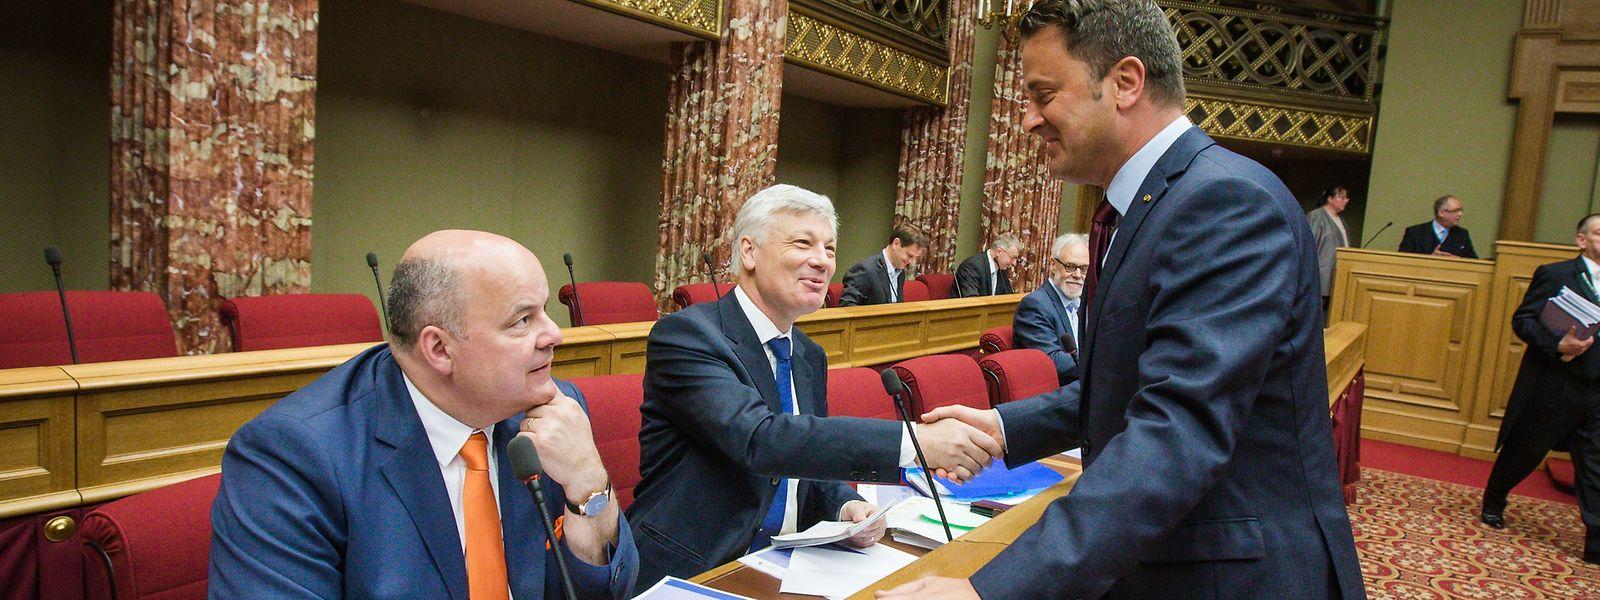 O primeiro-ministro Xavier Bettel e o líder do maior partido da oposição e candidato a primeiro-ministro, Claude Wiseler, apertam as mãos. Em outubro saber-se-á quem será o próximo primeiro-ministro.